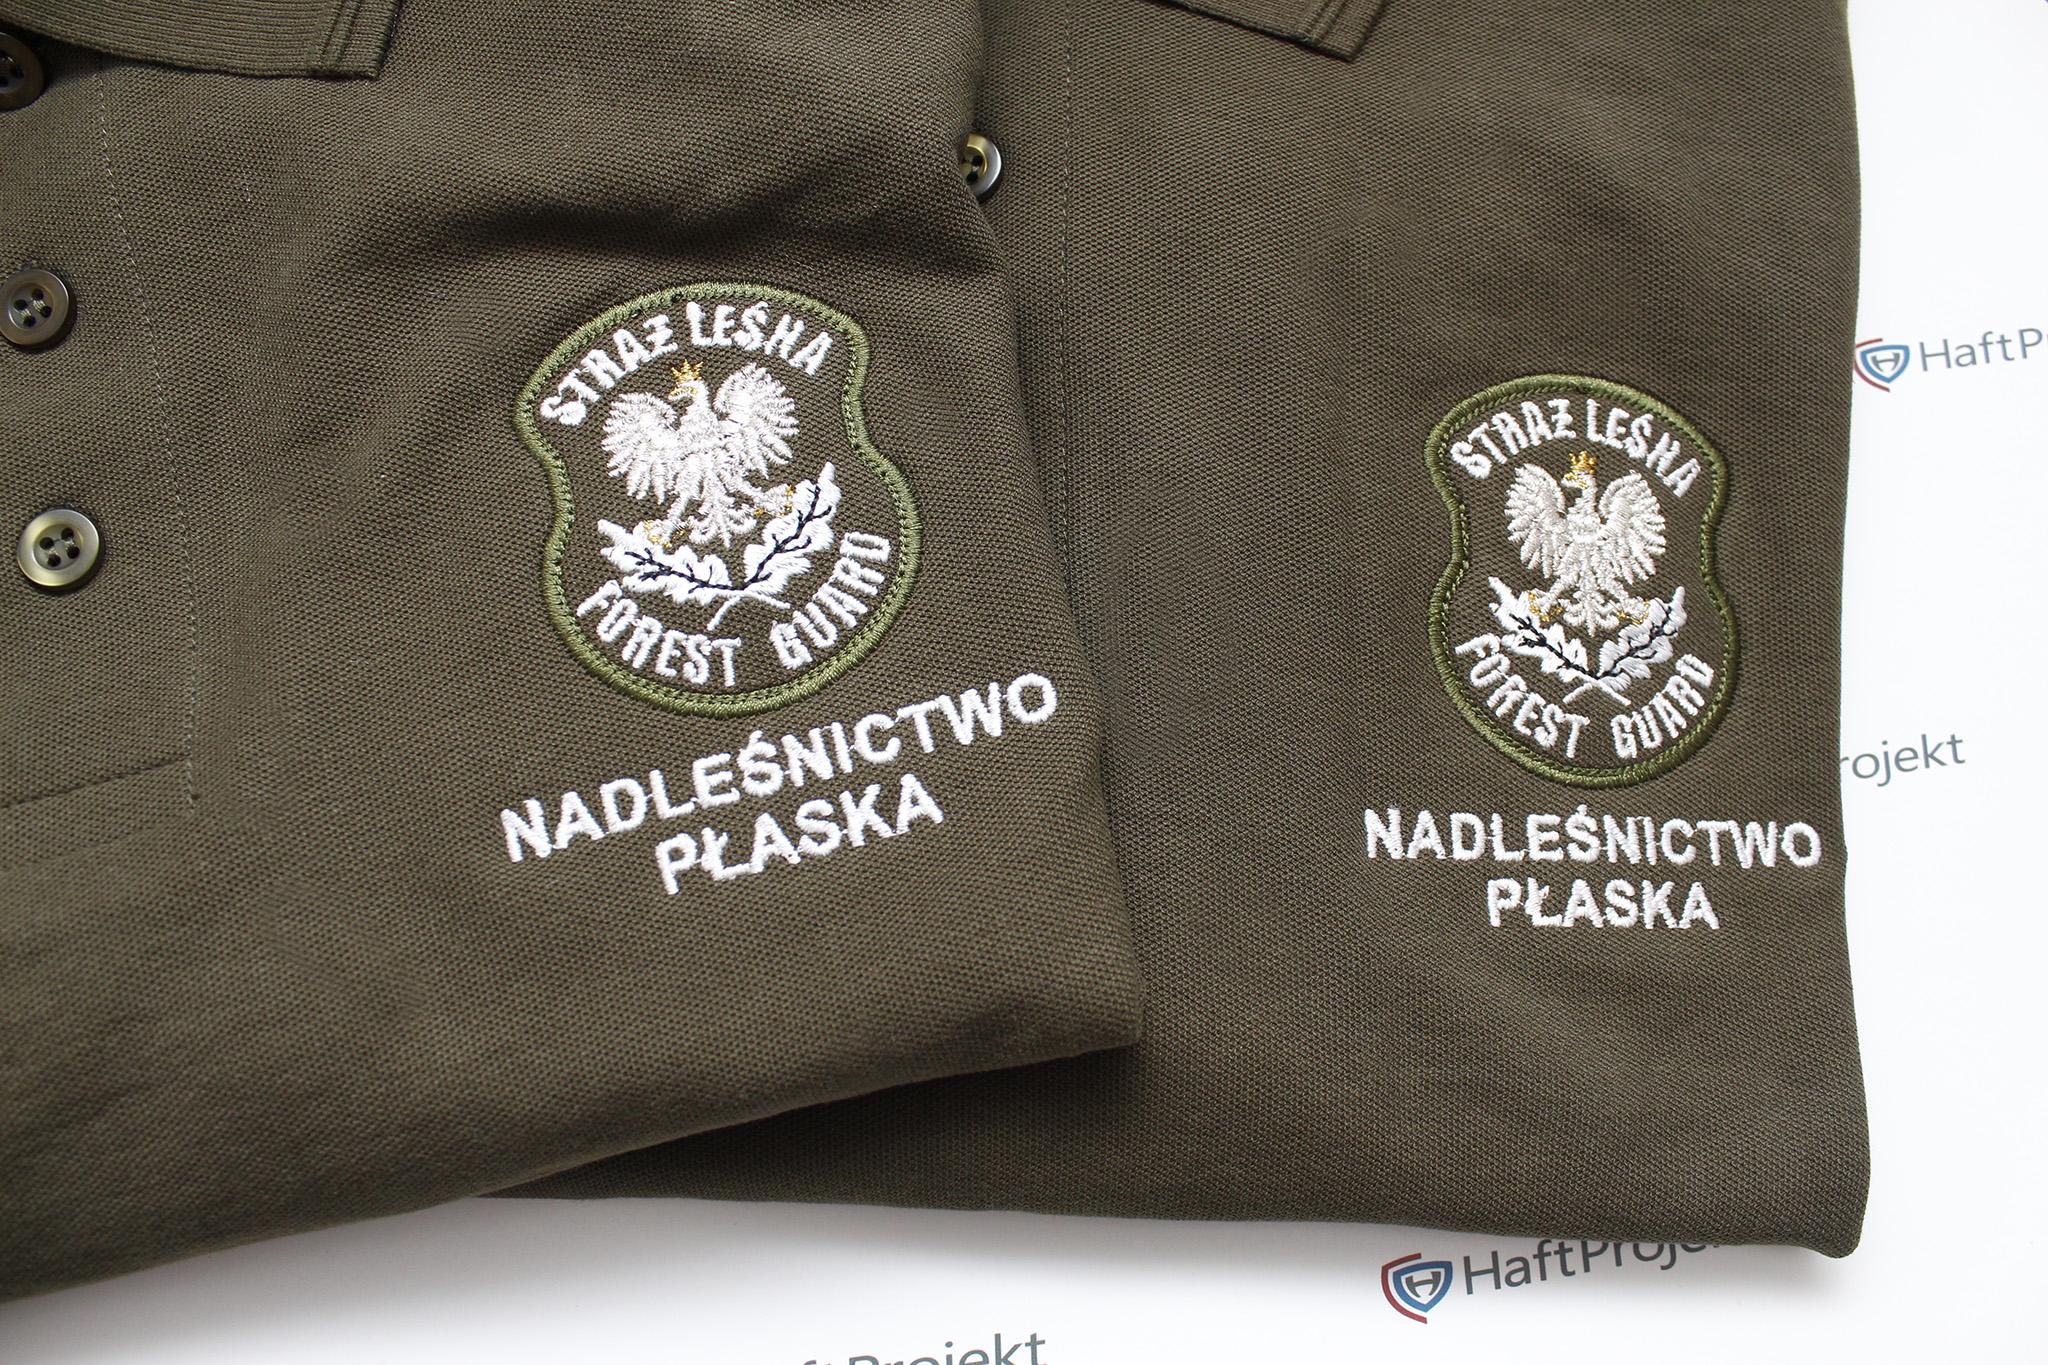 koszulka polo dla straży leśnej forest guard